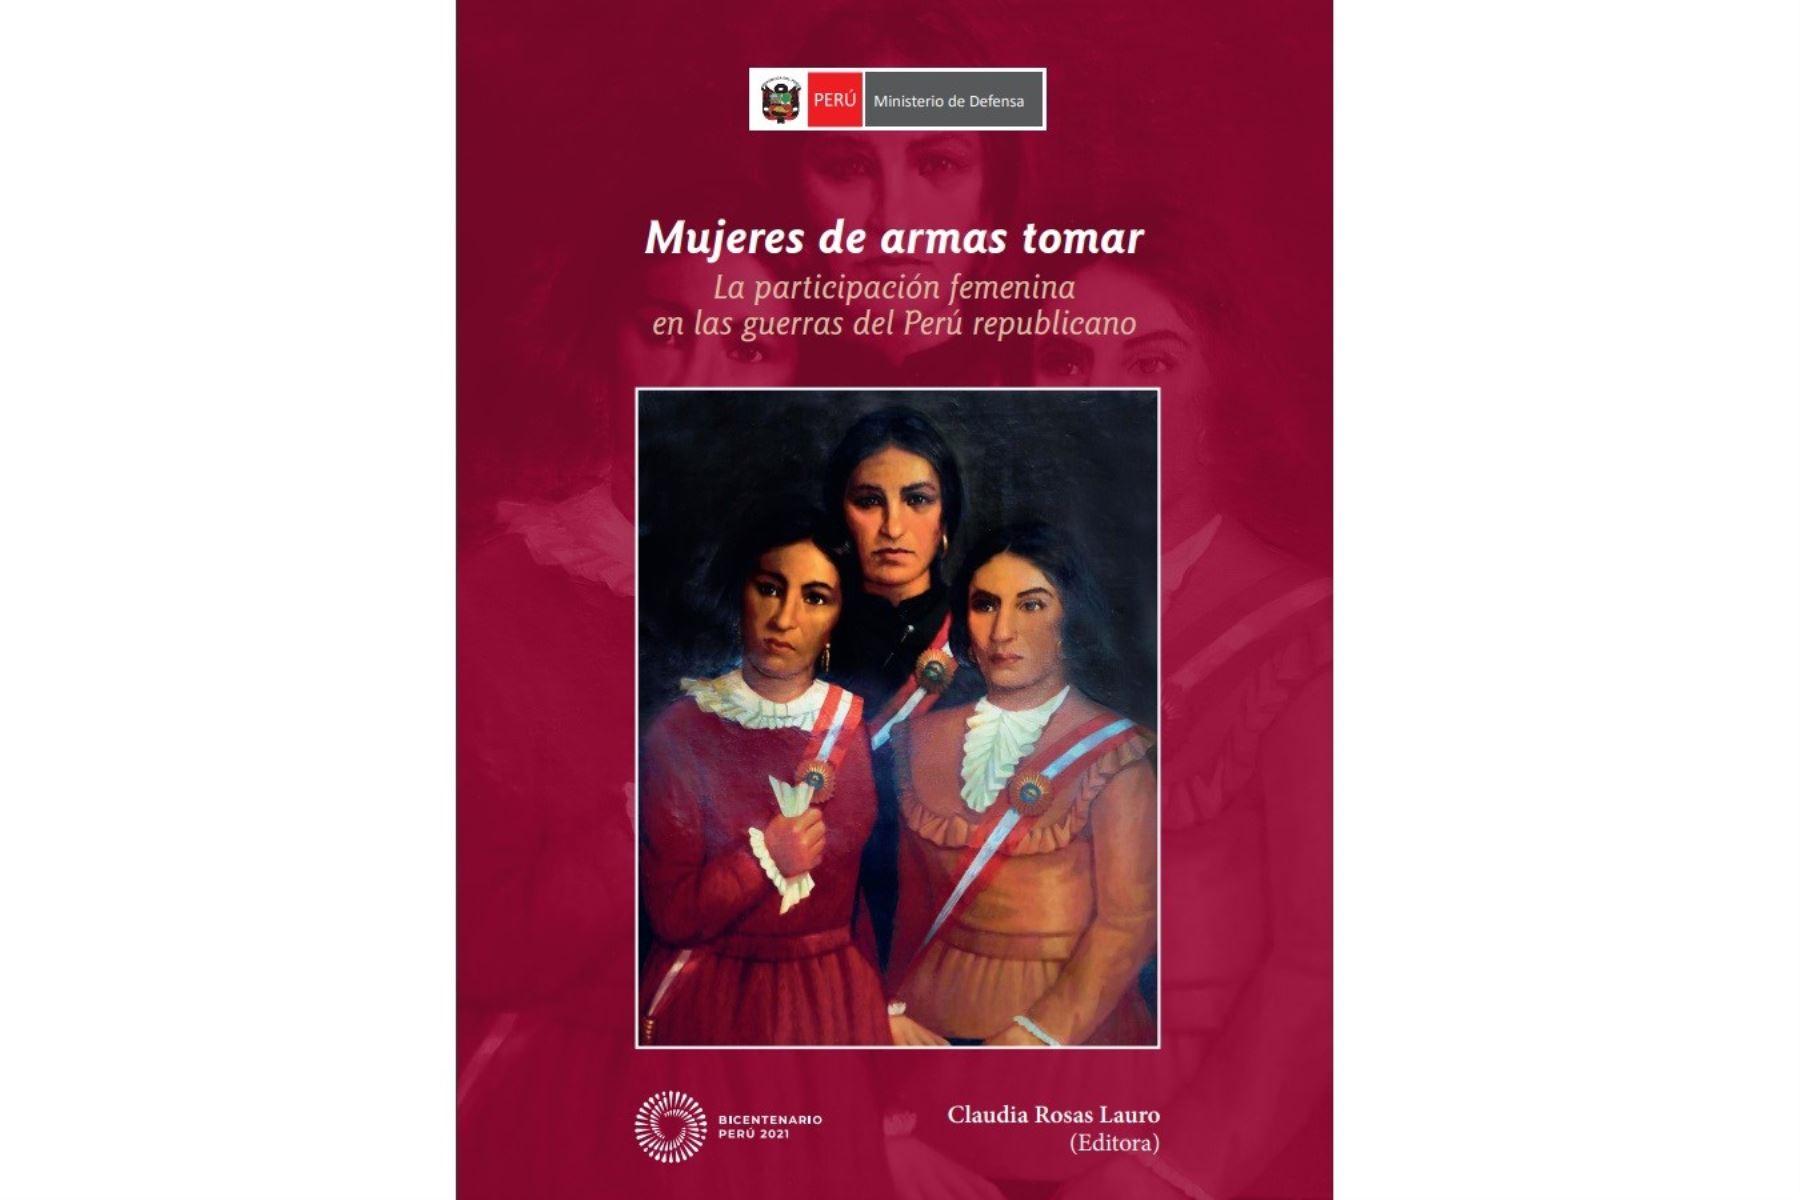 Mujeres de armas tomar: descarga el libro sobre participación femenina en defensa del Perú